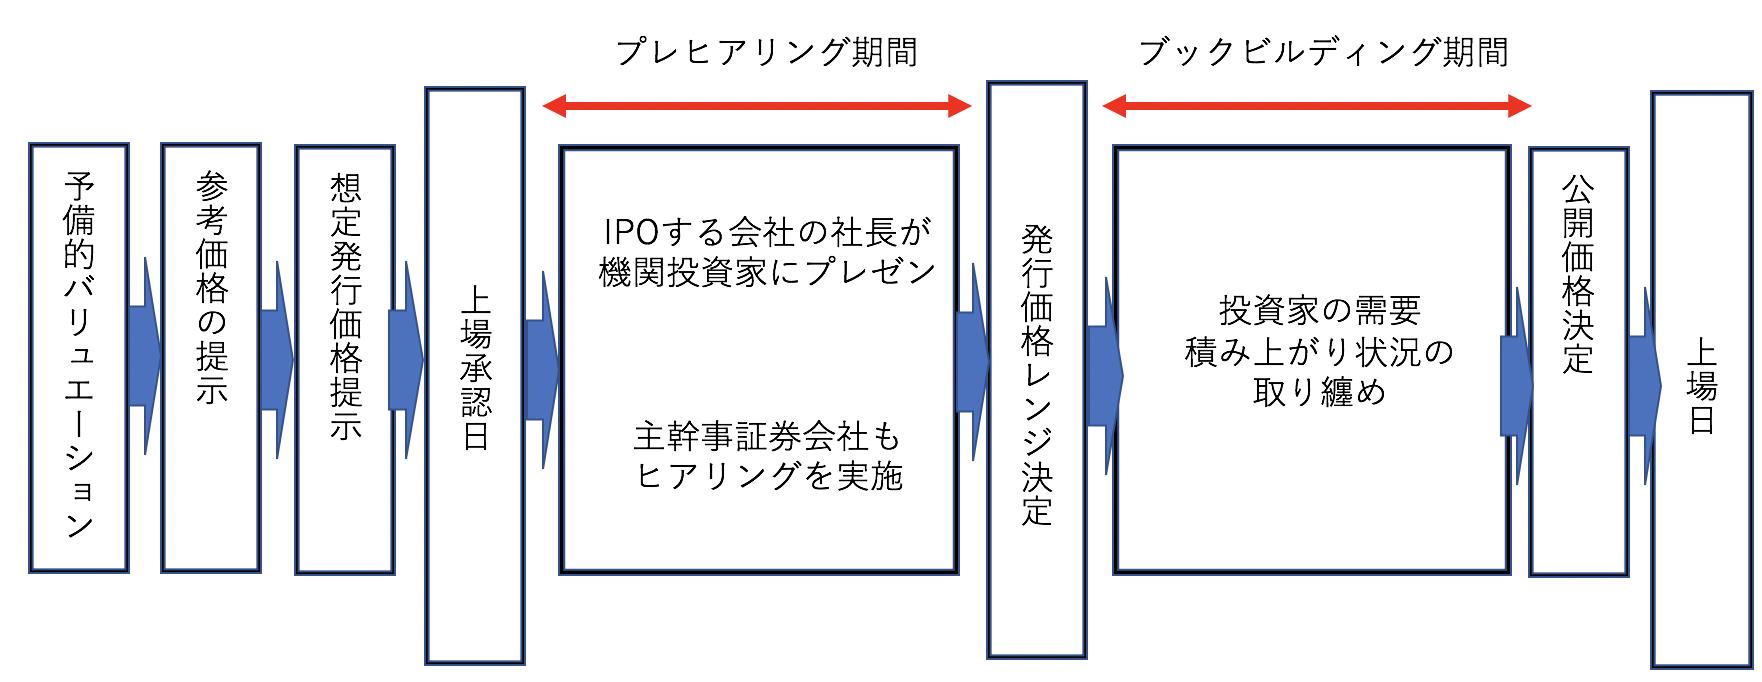 IPOの公開価格決定までの手順